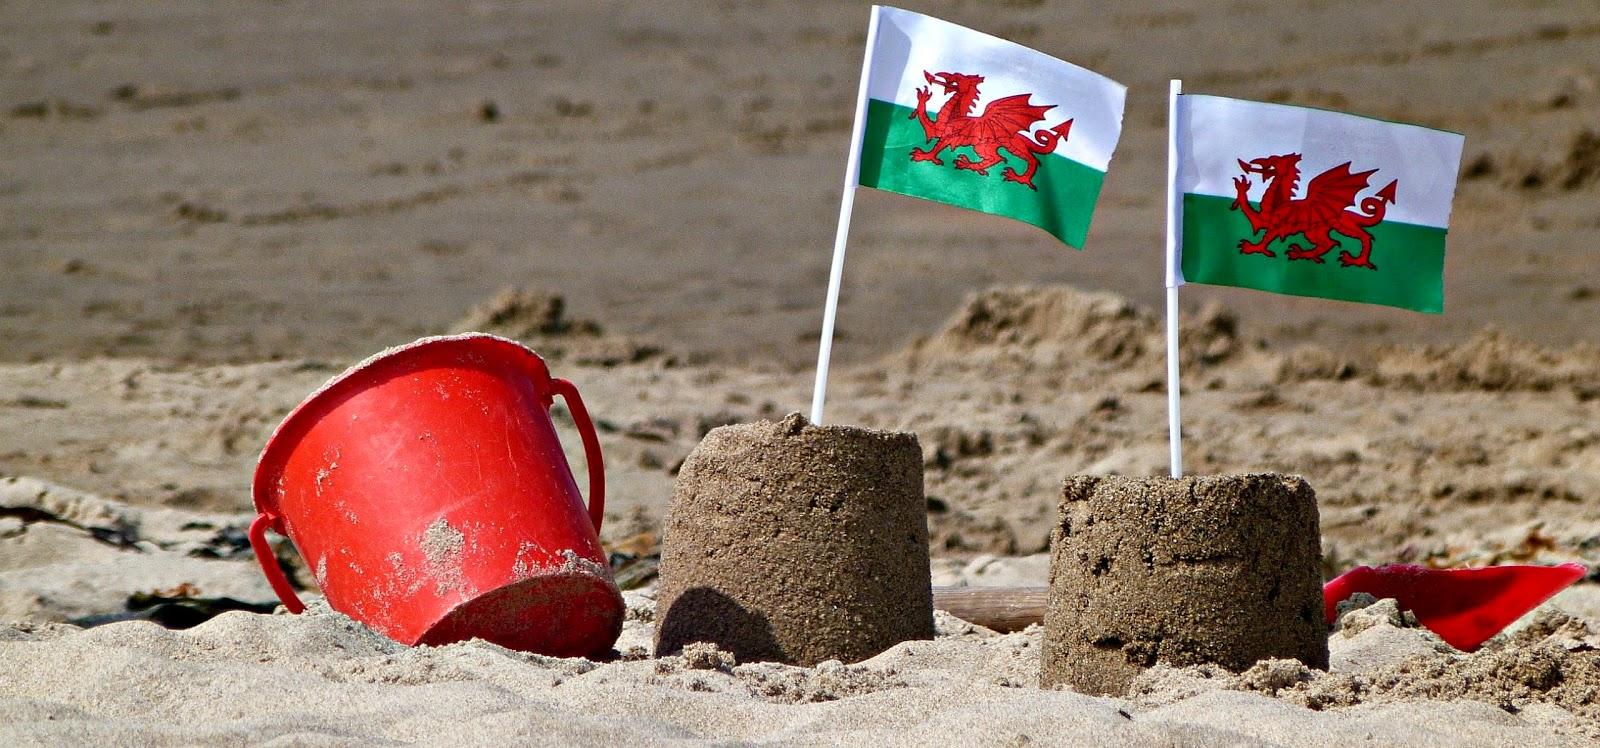 Sandcastles in Wales